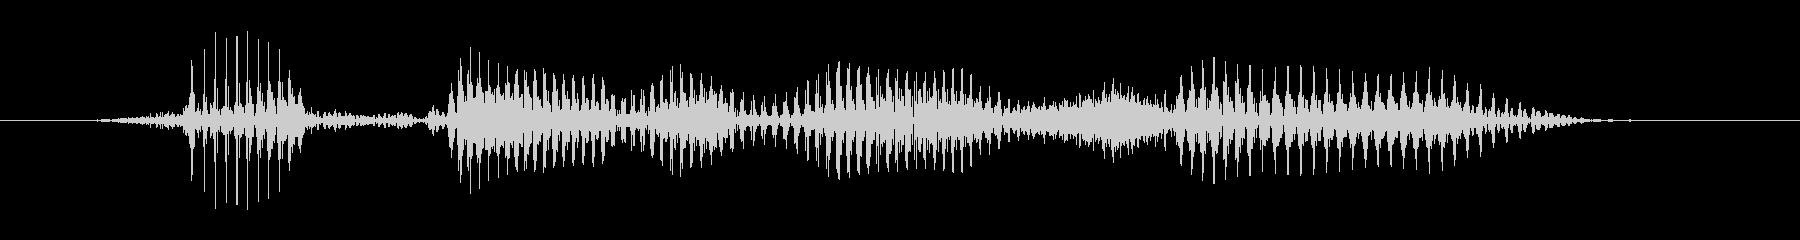 ティーンオスB:ハッピーアニバーサリーの未再生の波形